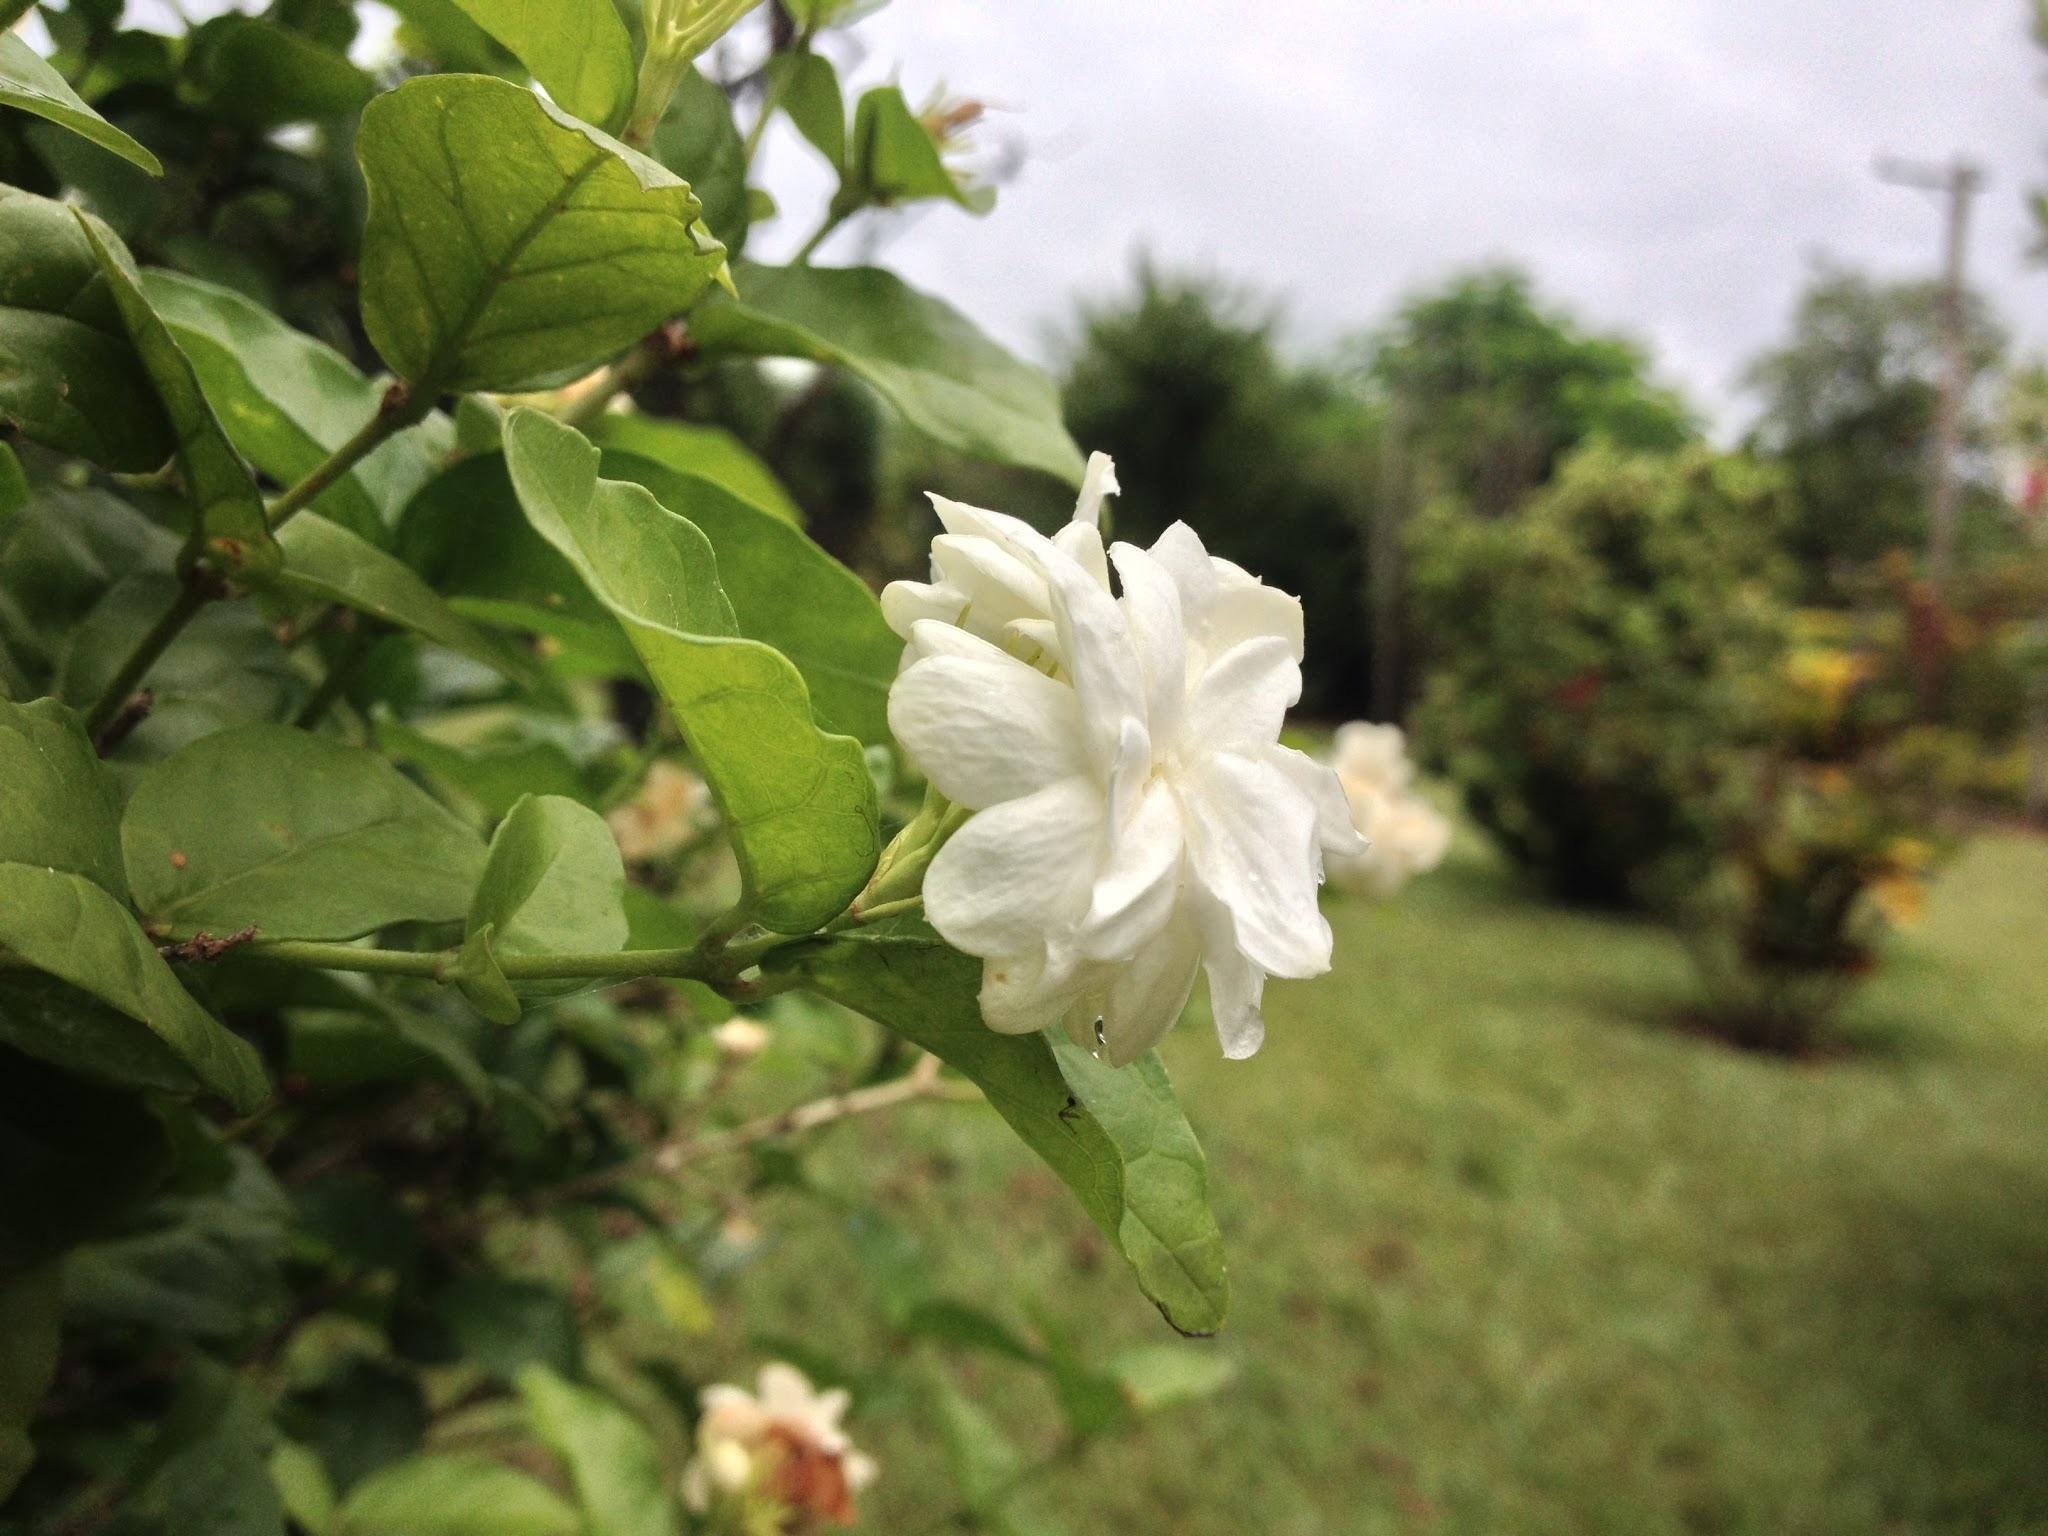 images gratuites : arbre, fleur, produire, botanique, flore, fleur